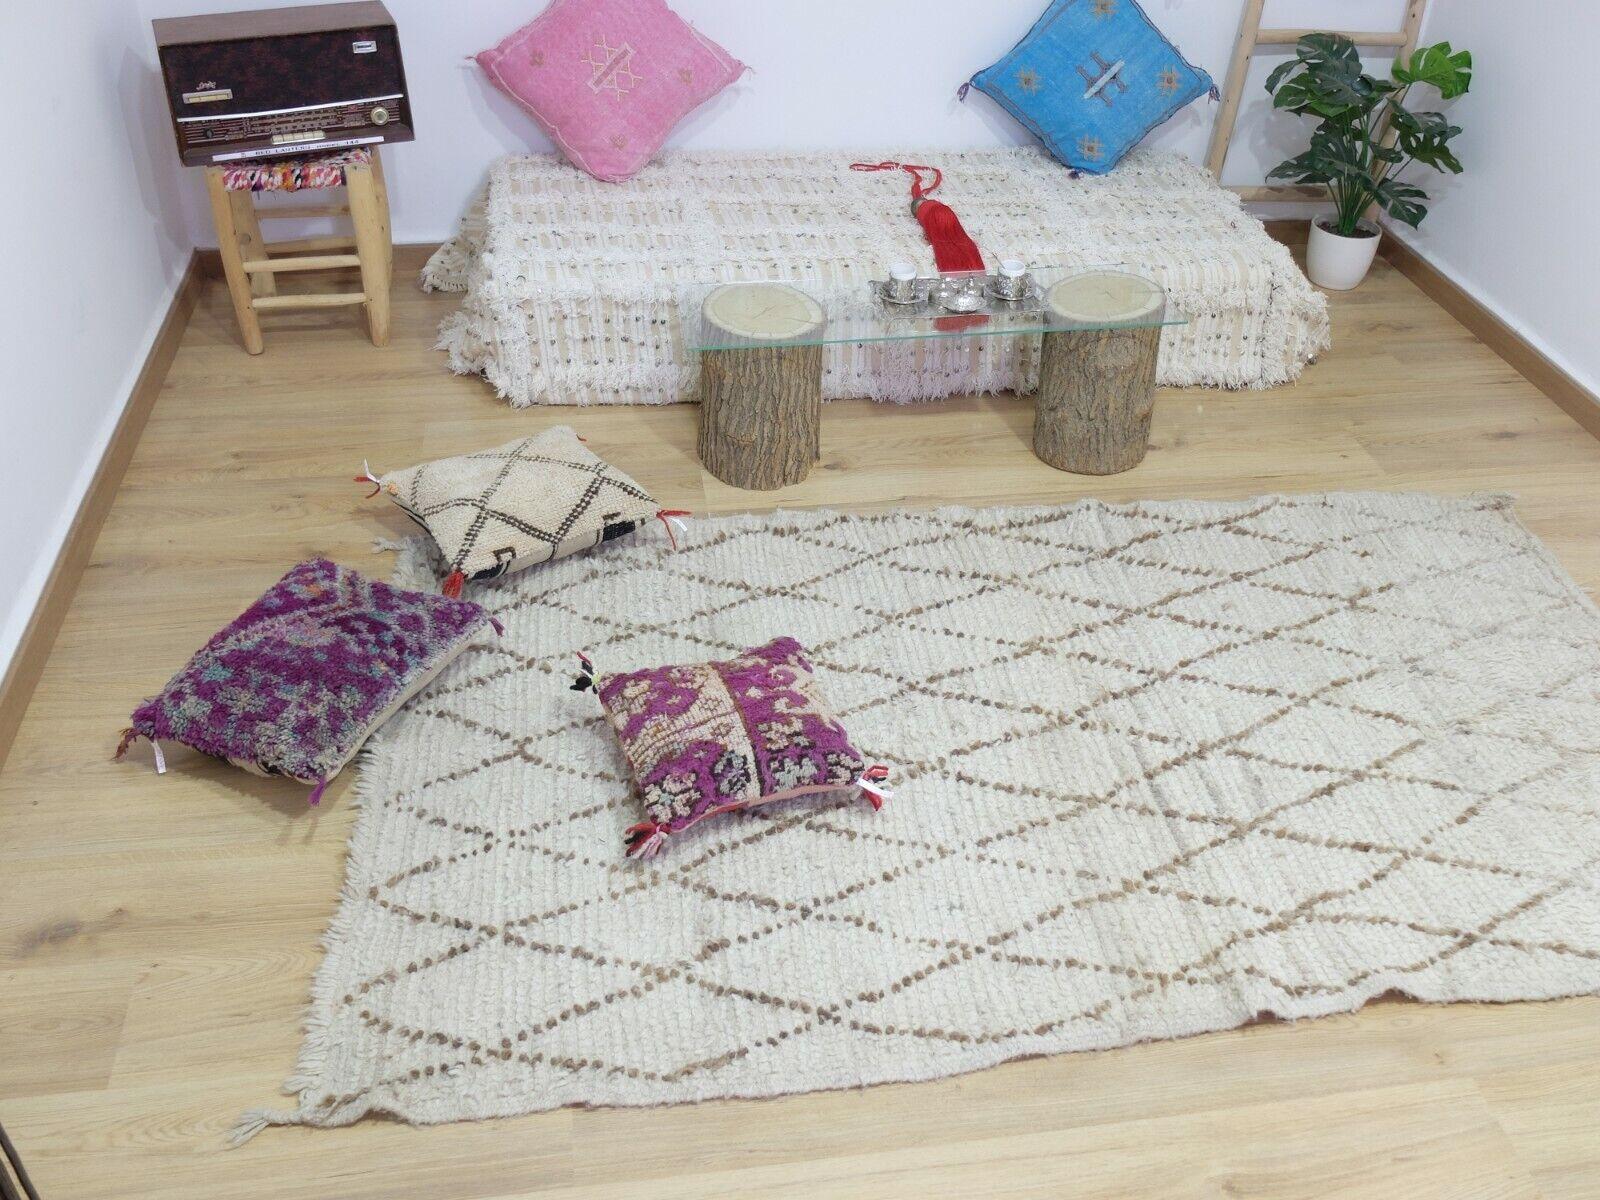 Vintage.Authentic Woolen Beniourain rug Berber Handwoven Rug 6'10'' x 3'11''